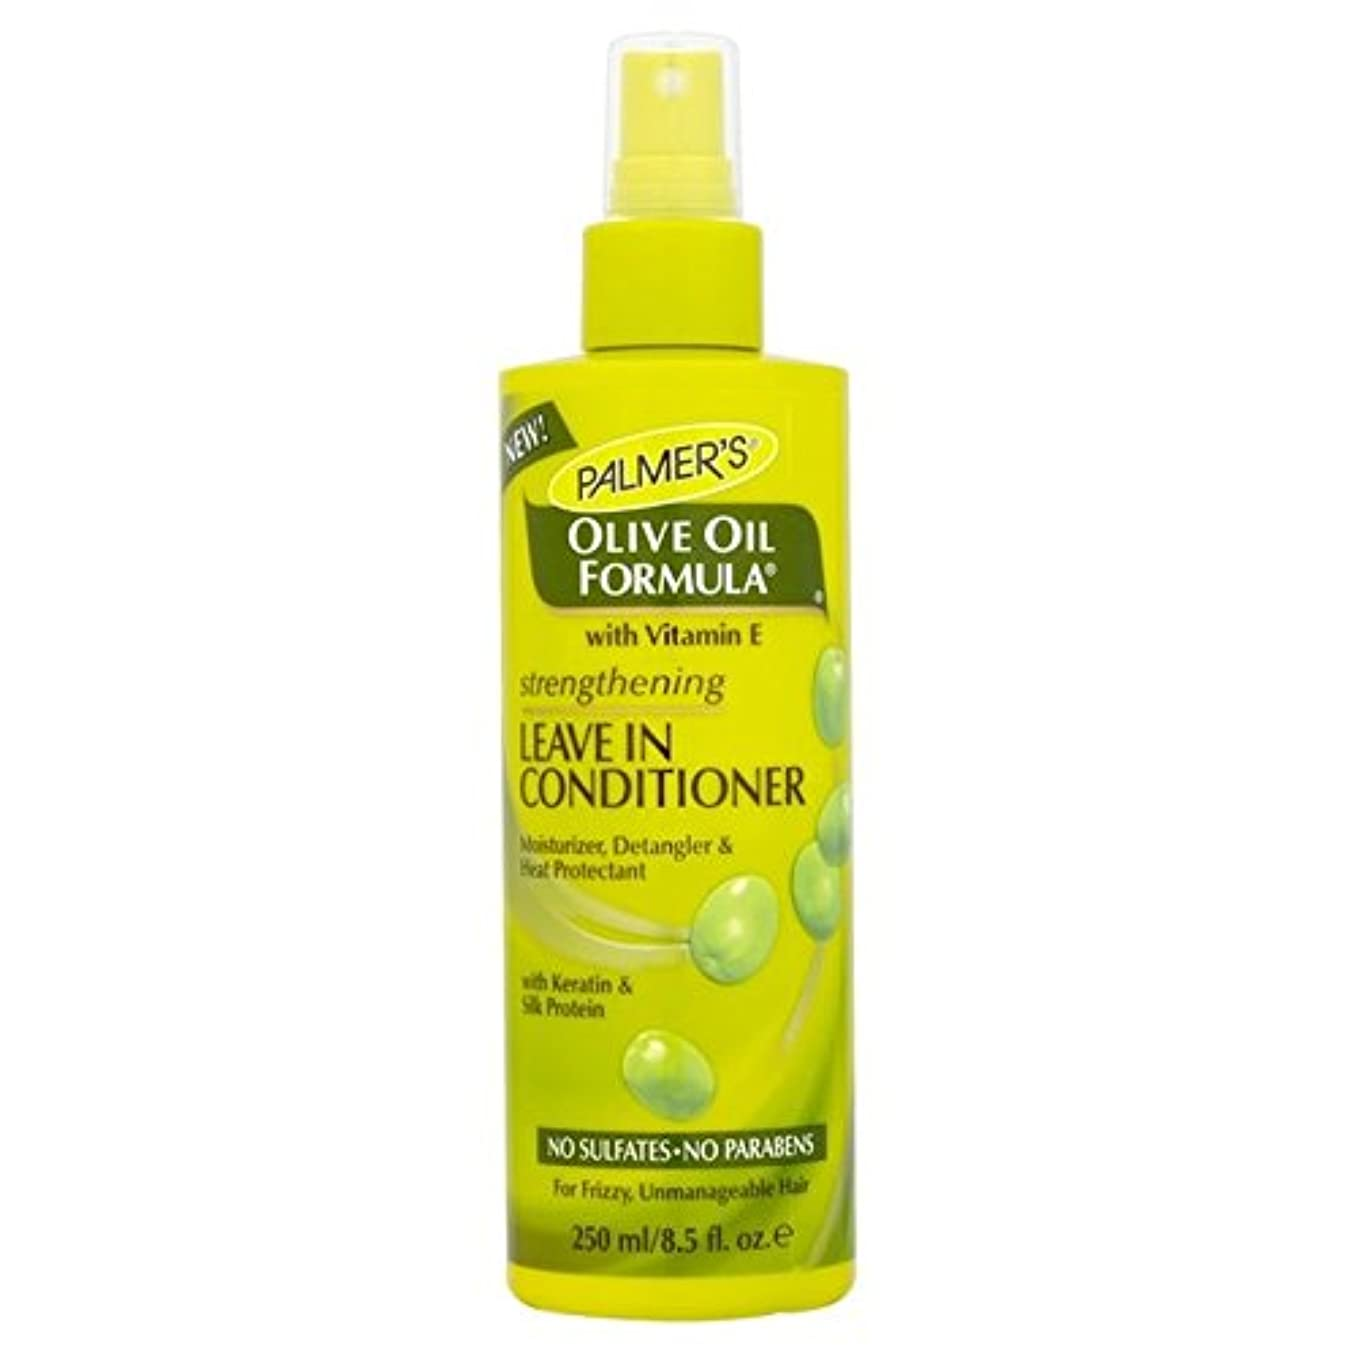 自分のためにトラフィックアレルギーPalmer's Olive Oil Formula Strengthening Leave-in Conditioner 250ml - リーブインコンディショナー250を強化パーマーのオリーブオイル式 [並行輸入品]